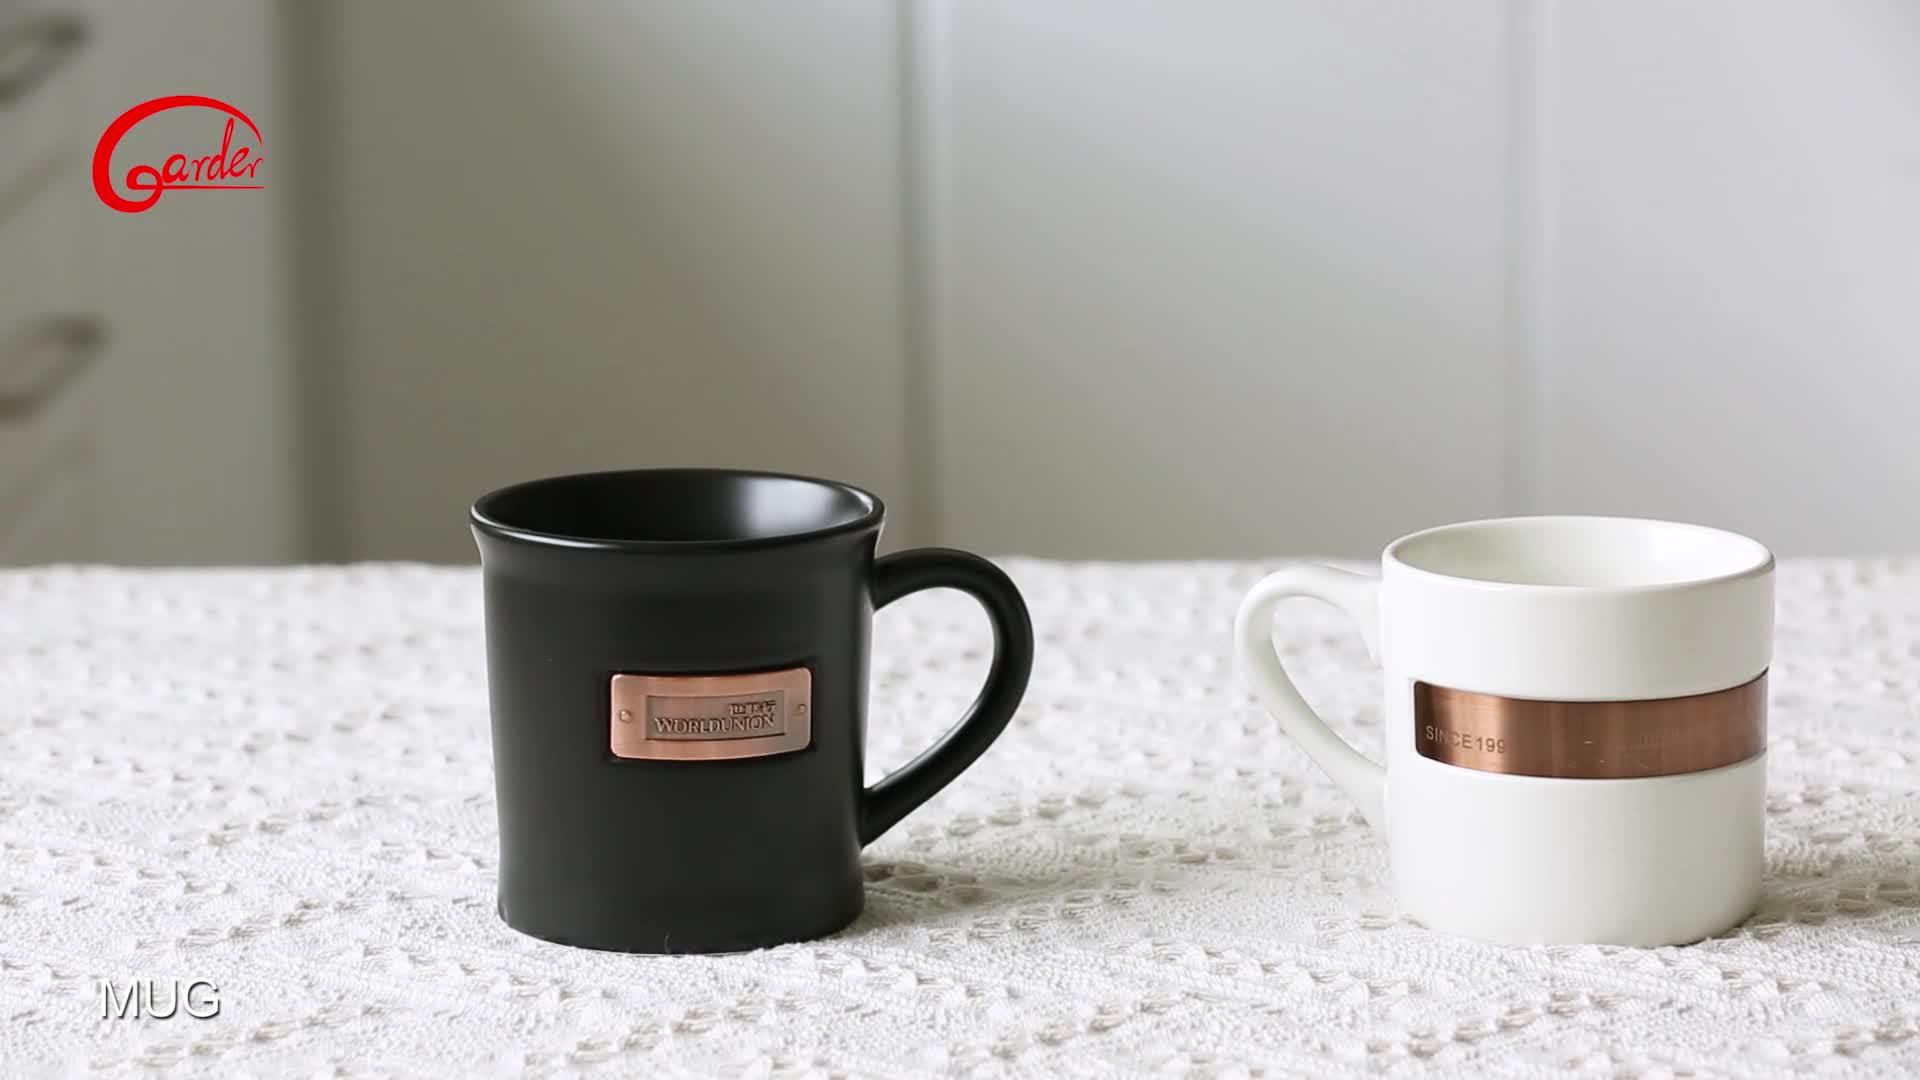 Nhà máy matte kích thước tùy chỉnh cốc cà phê với in logo